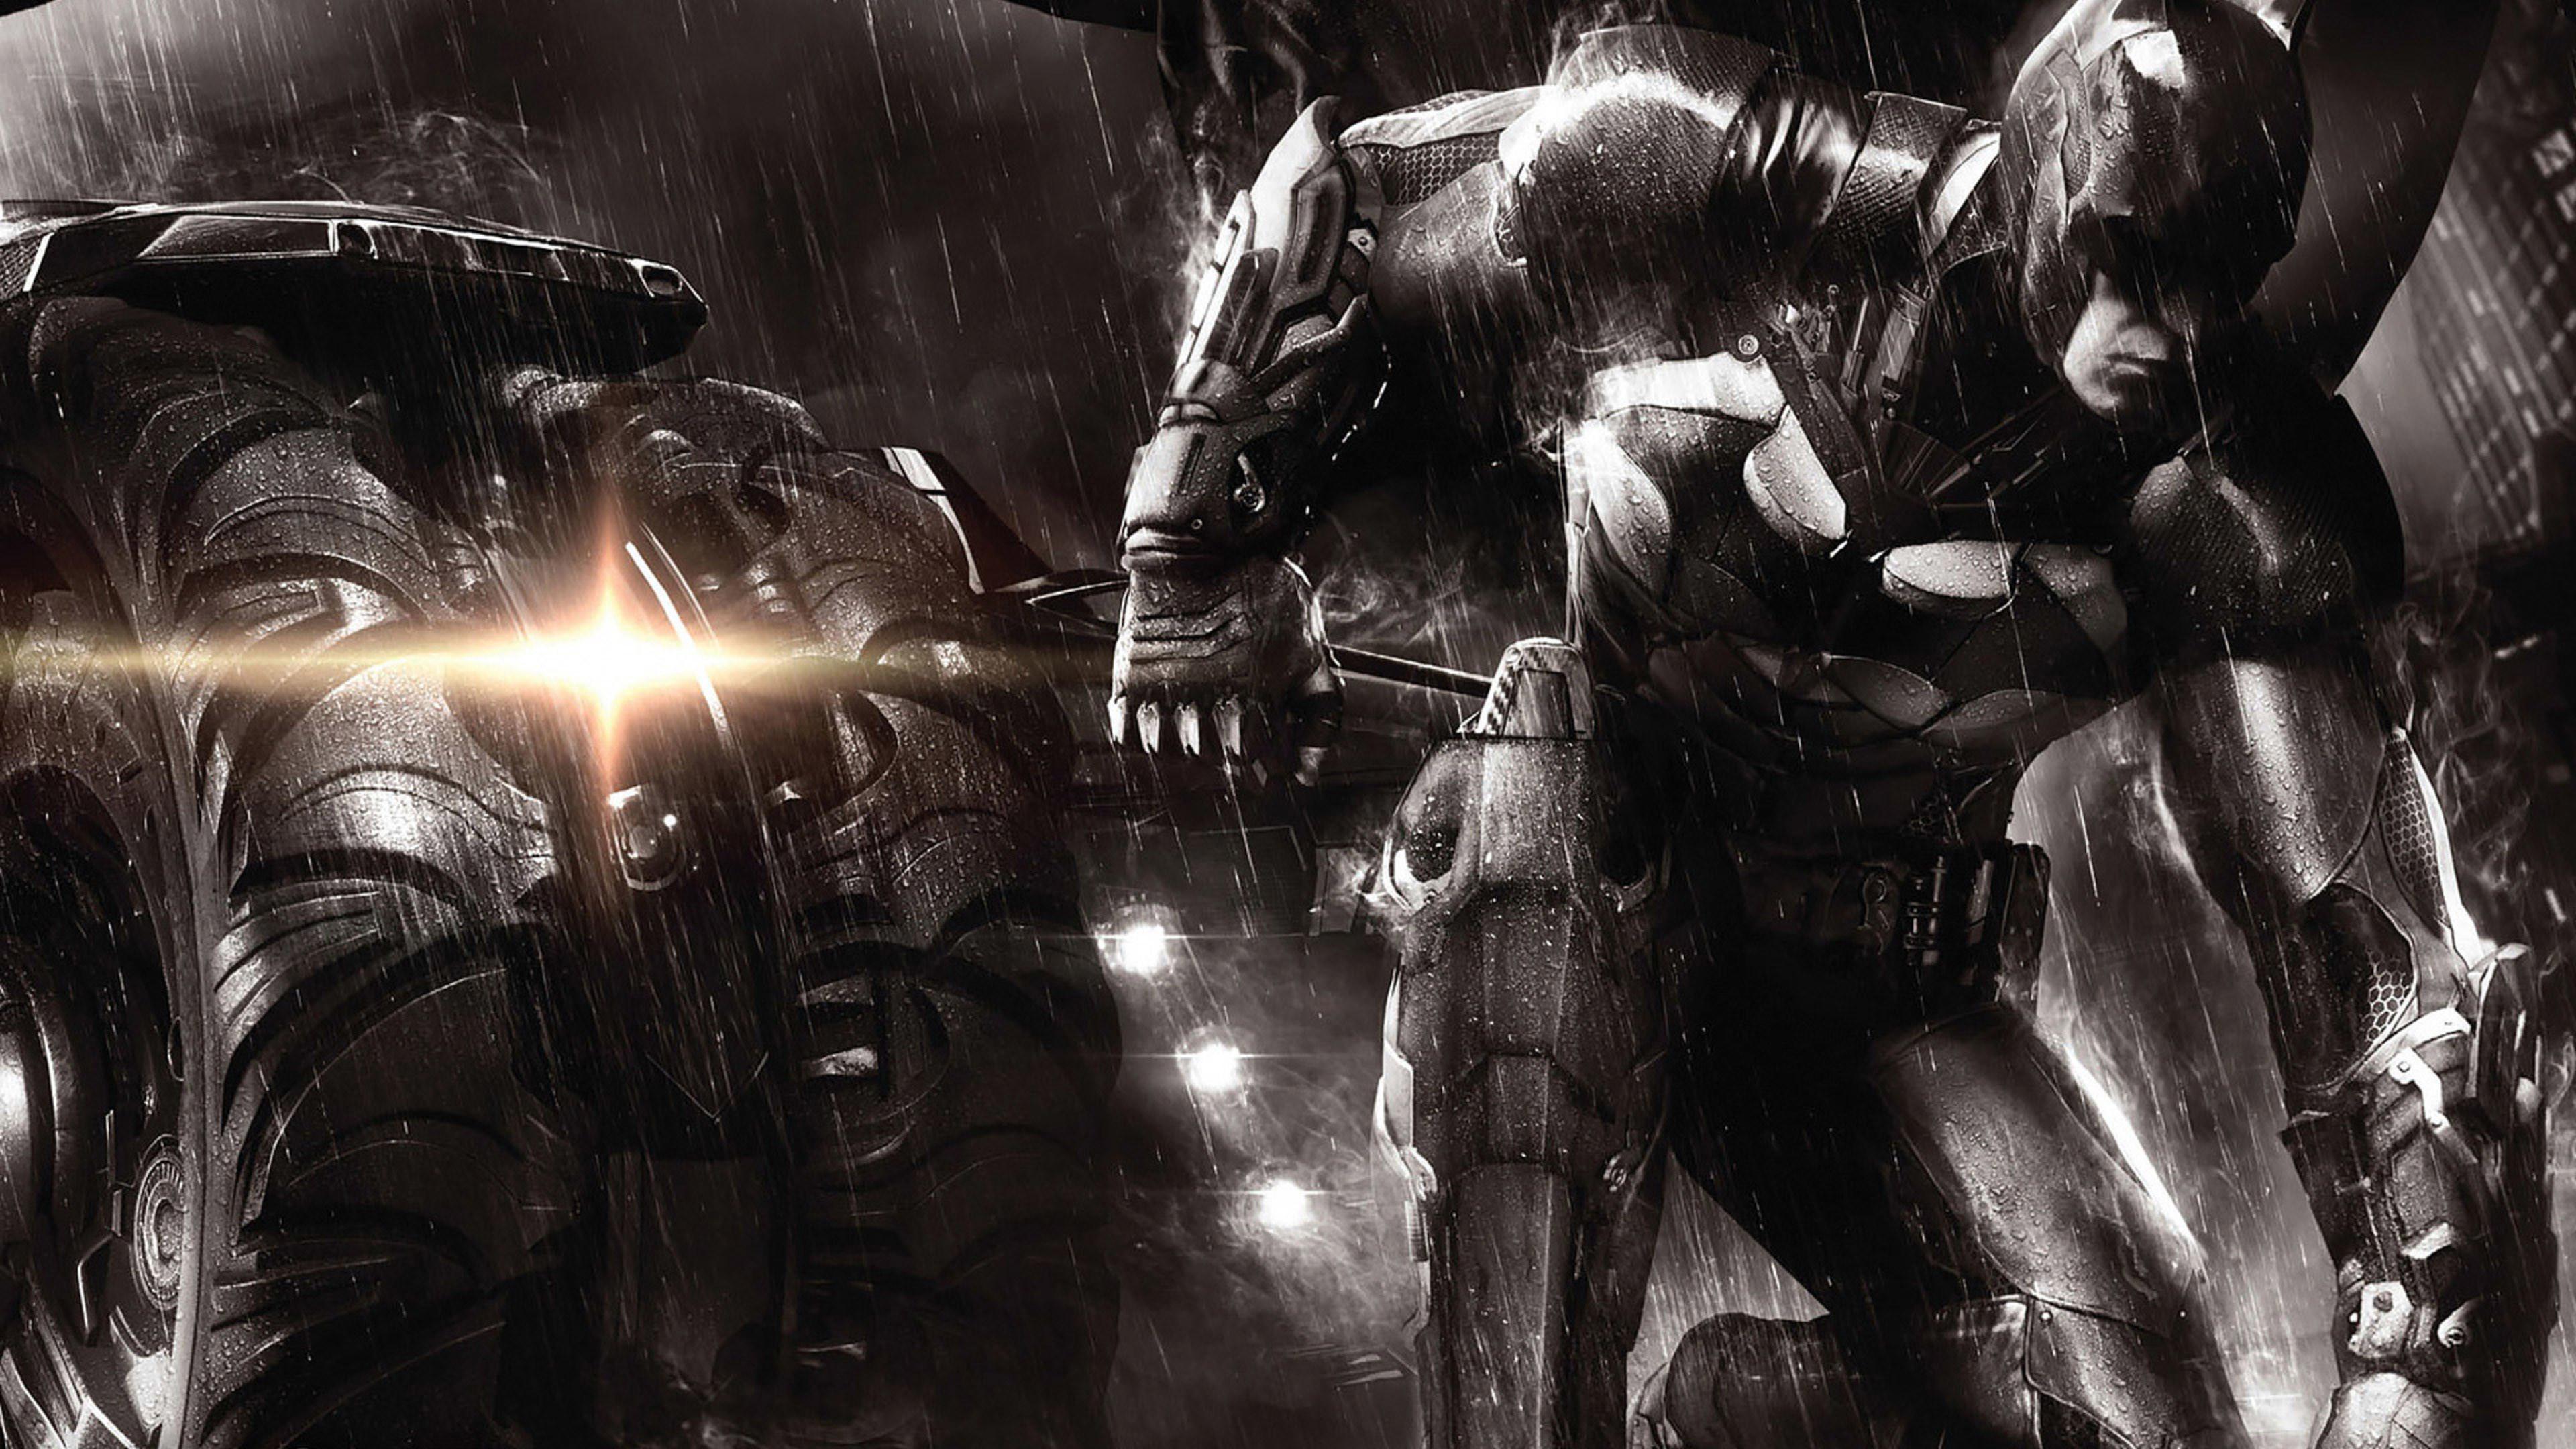 Res: 3840x2160, 2014 Batman Arkham Knight Wallpaper